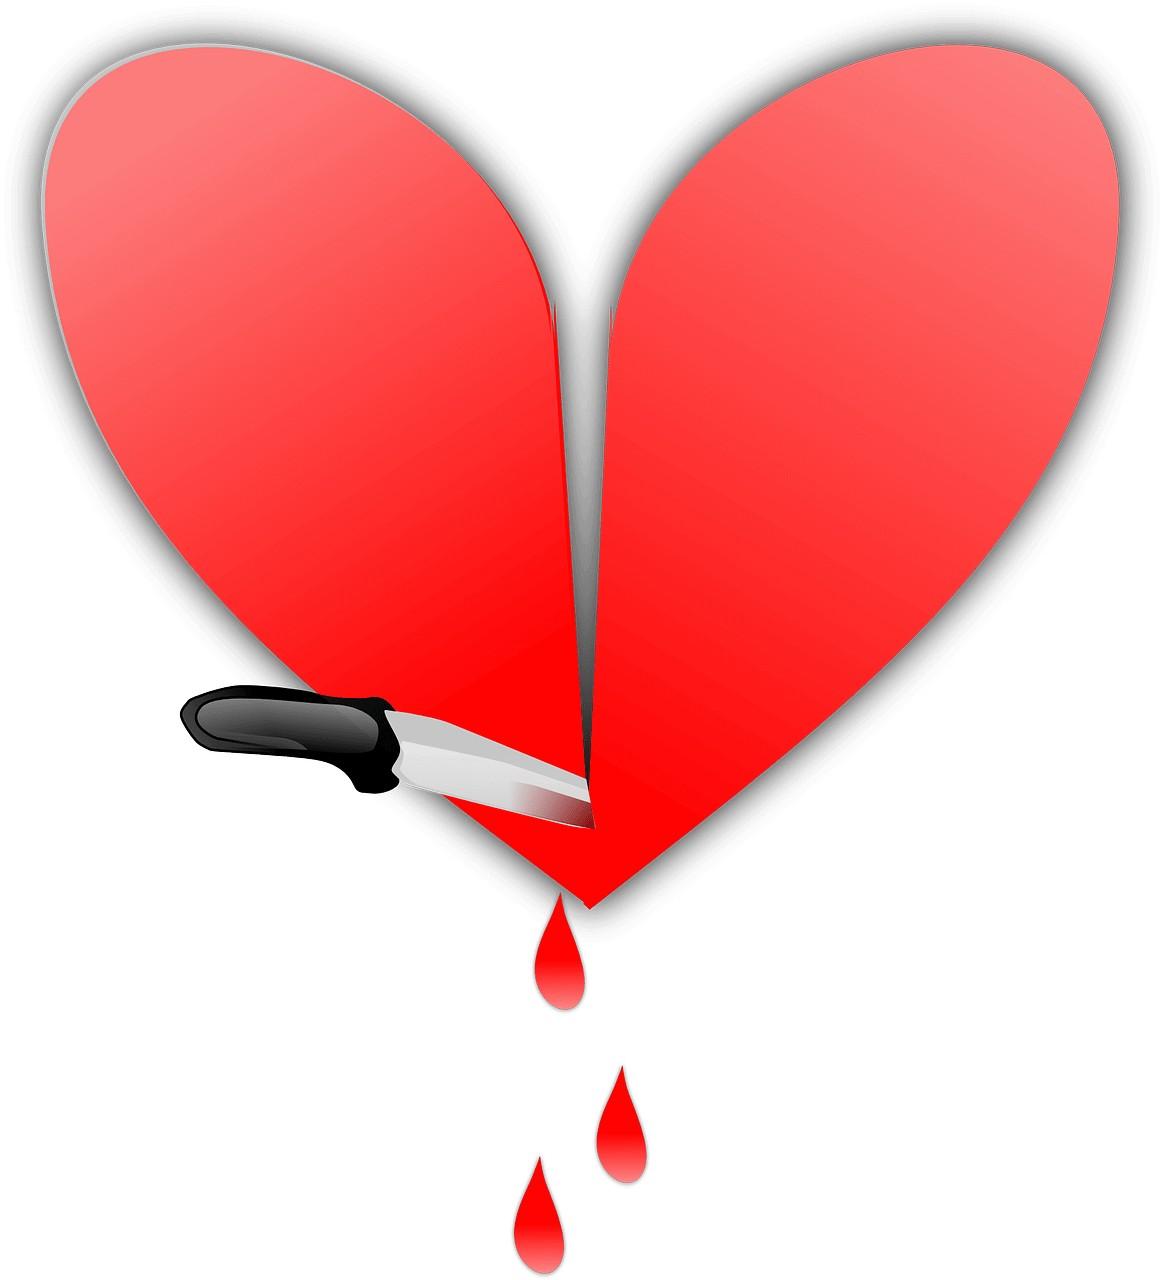 lost love spells, LOST LOVE SPELLS